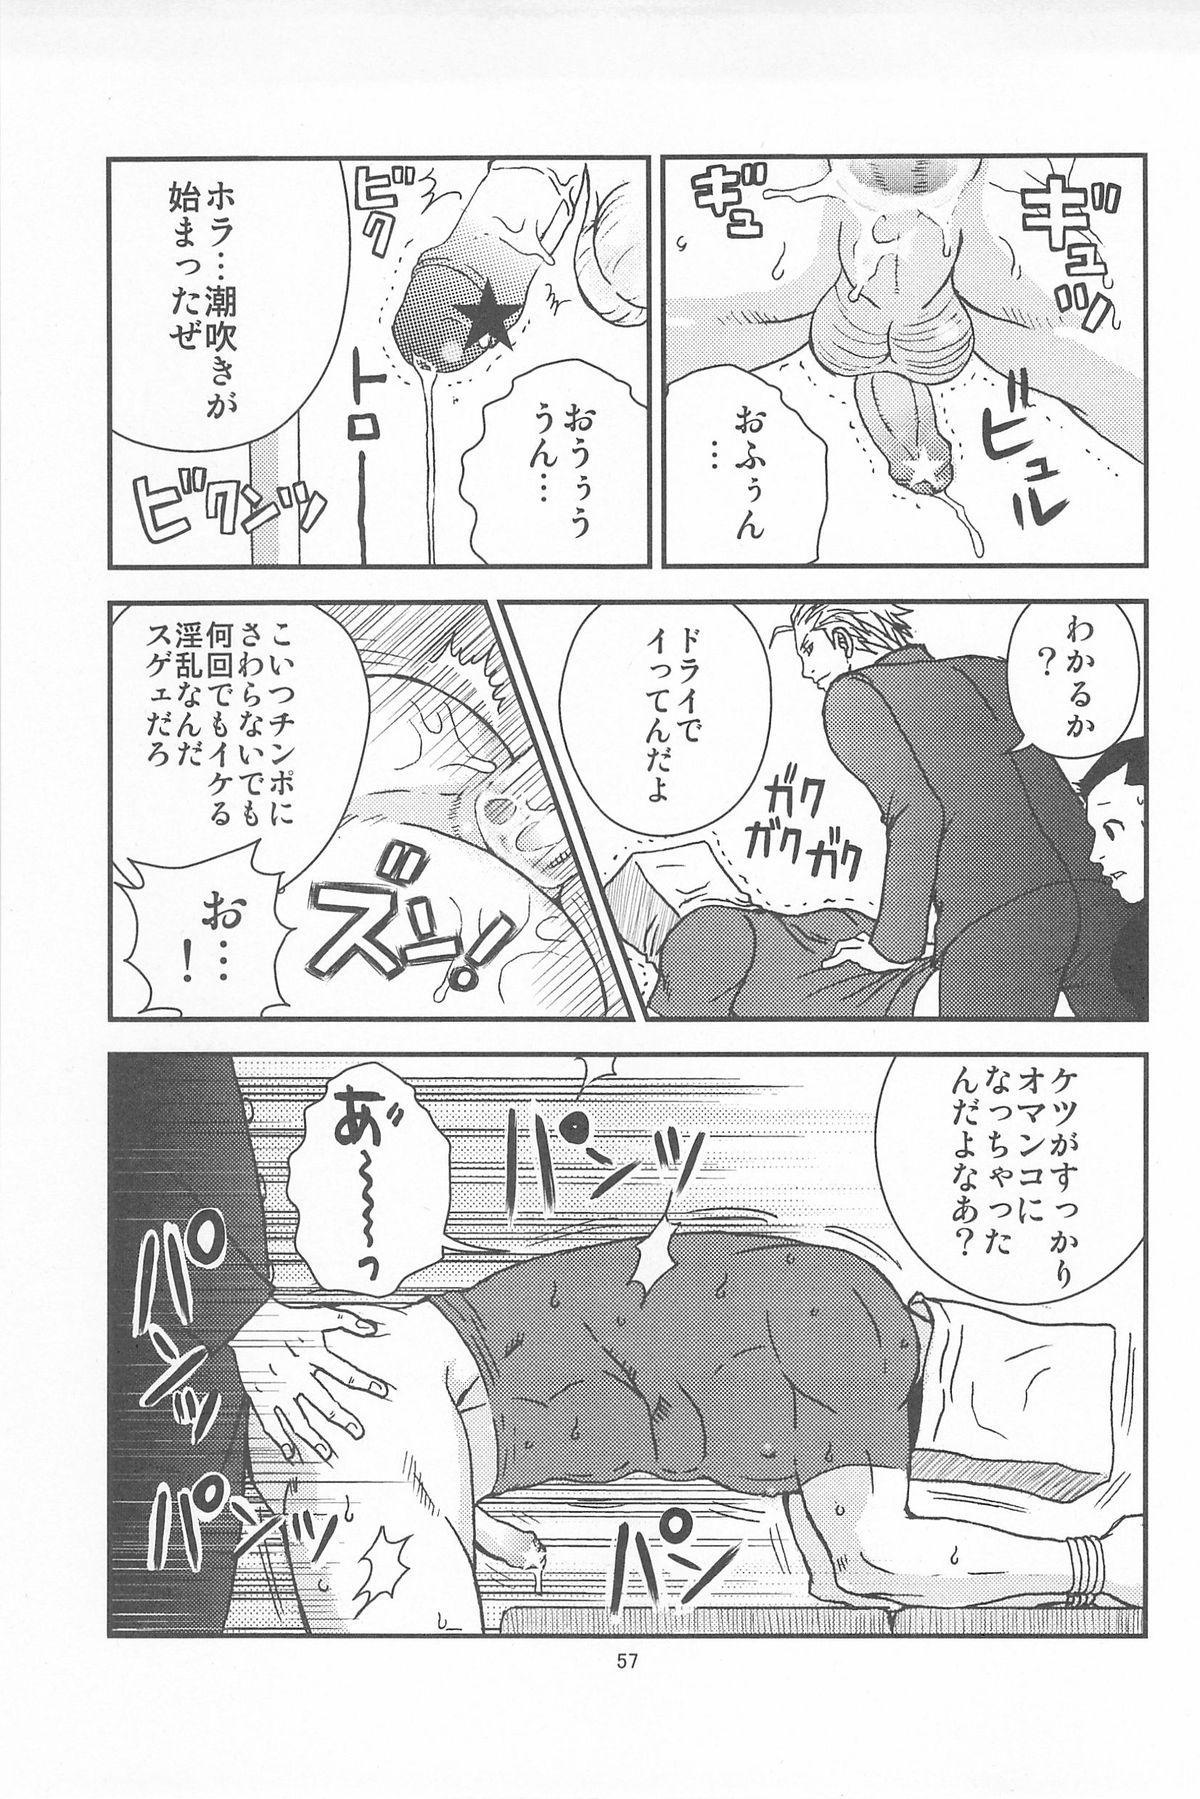 部外秘日誌2 54